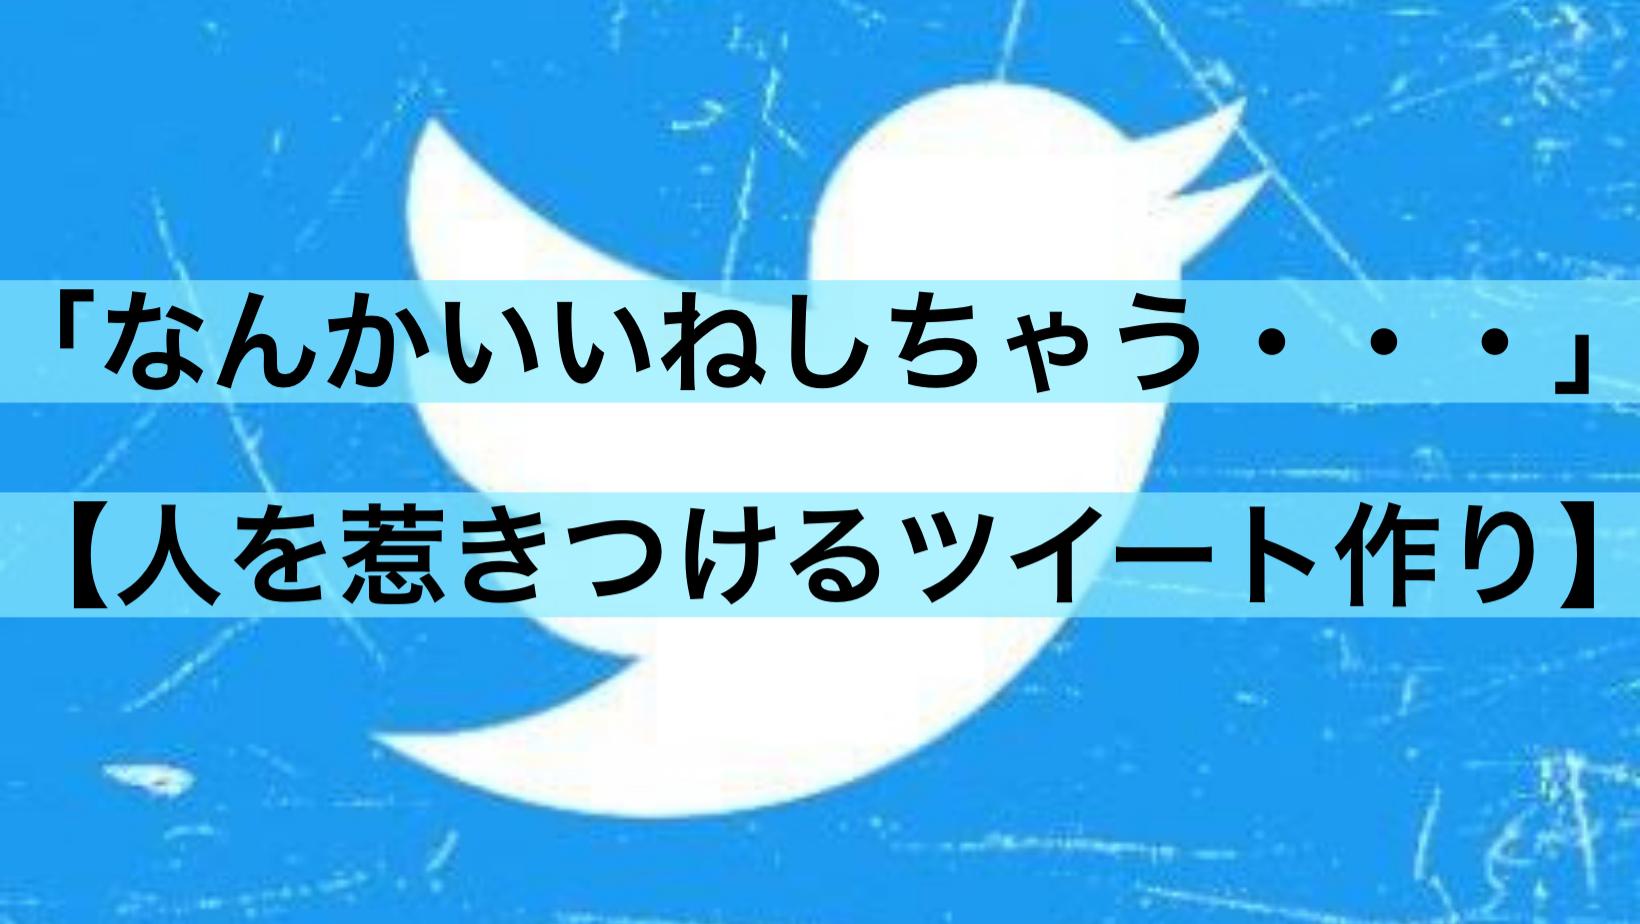 【ツイート作り】人を惹きつけるツイートの作り方のポイントはたった2つ!!